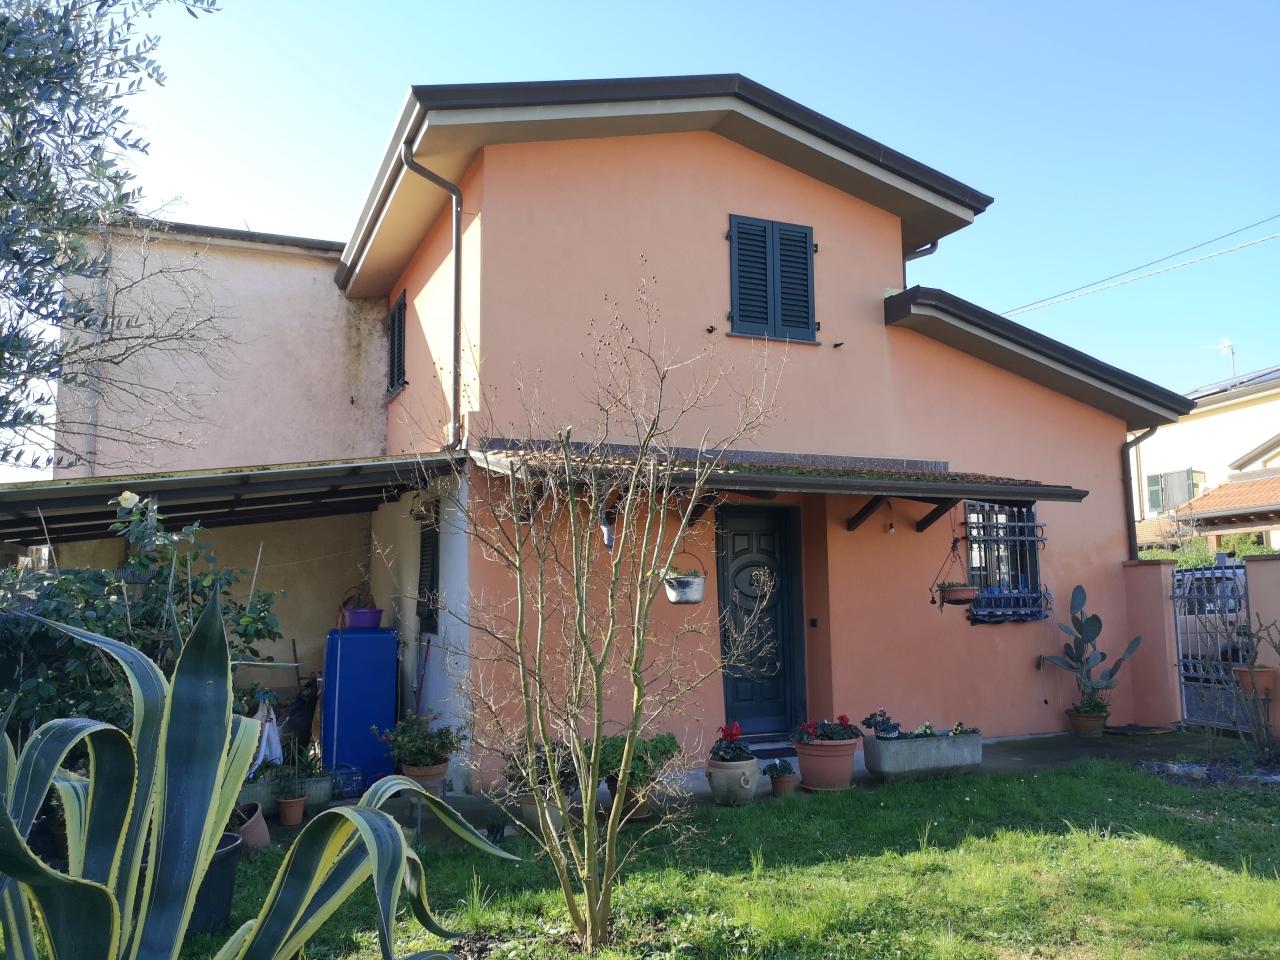 Casa singola in vendita, rif. 2733